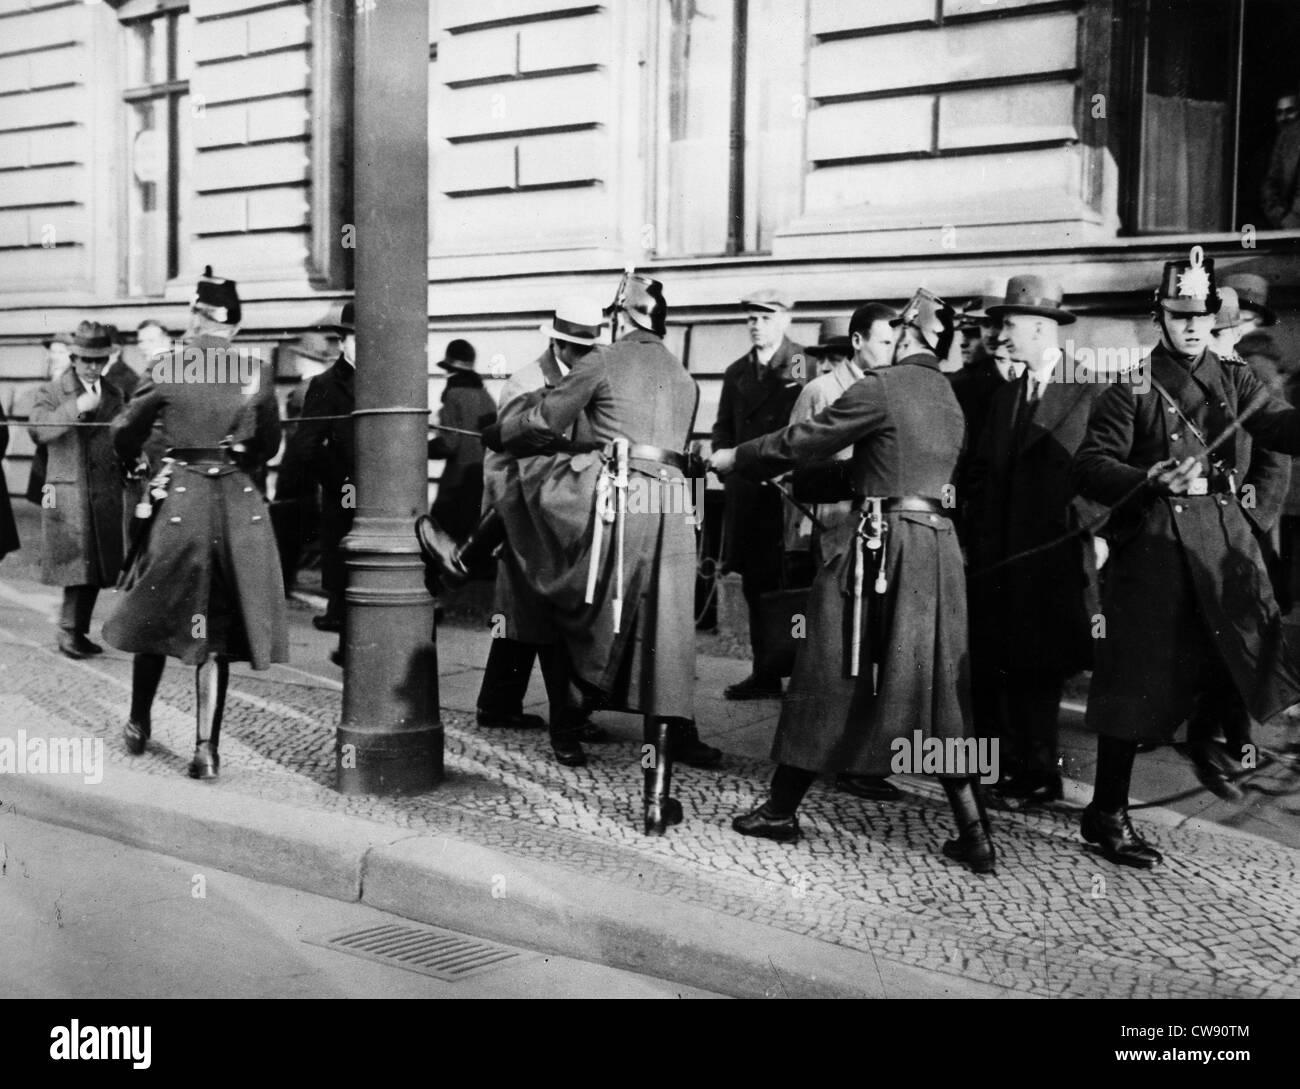 Riots in Berlin between policemen communists (1930) - Stock Image